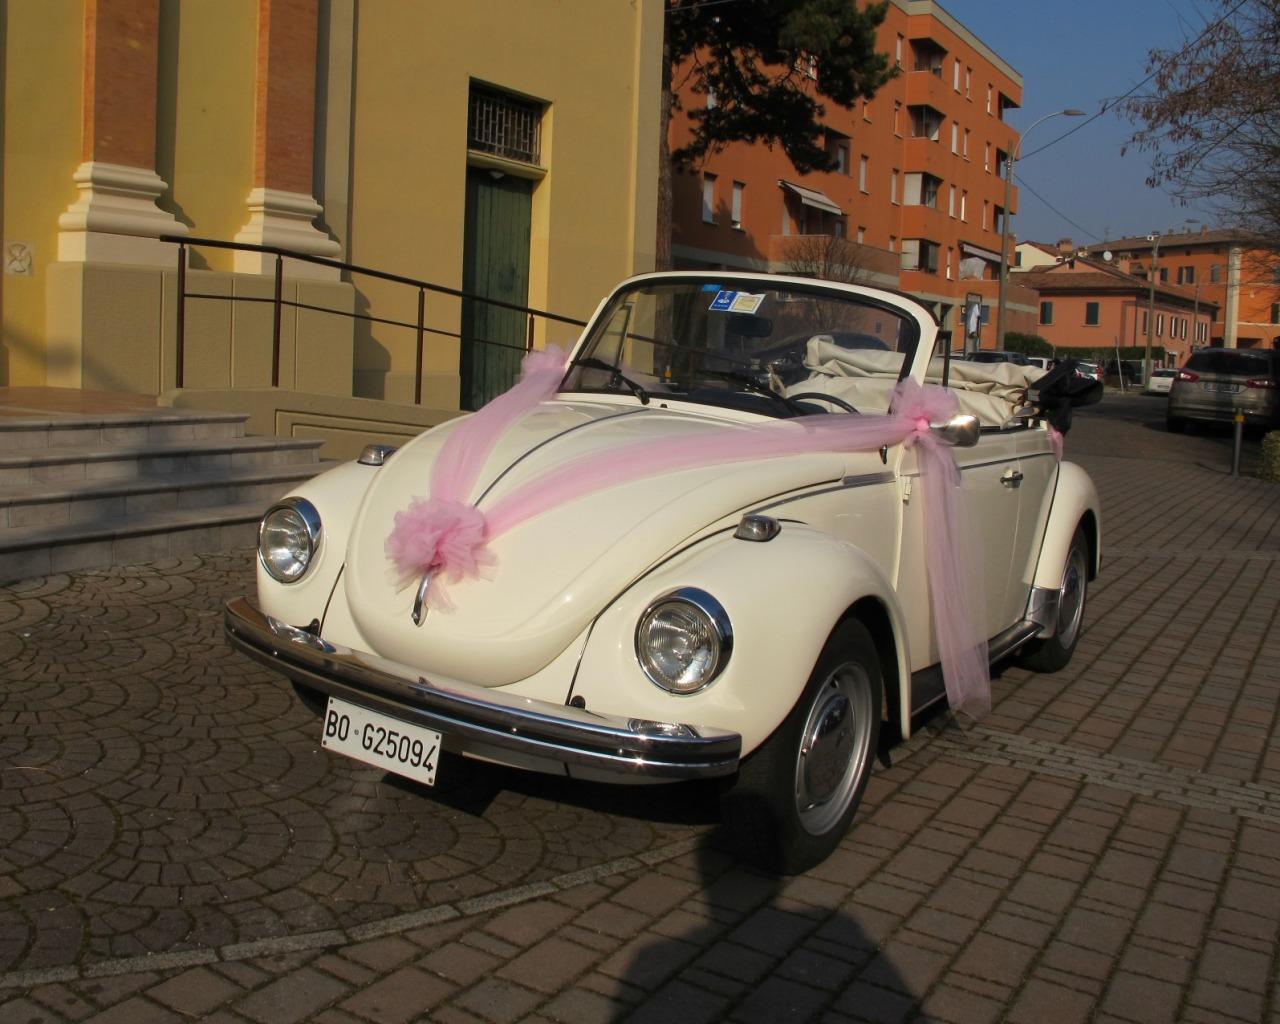 Volkswagen 1303 bianco - vettura matrimonio - maggiolone - maggiolino - auto nuziale